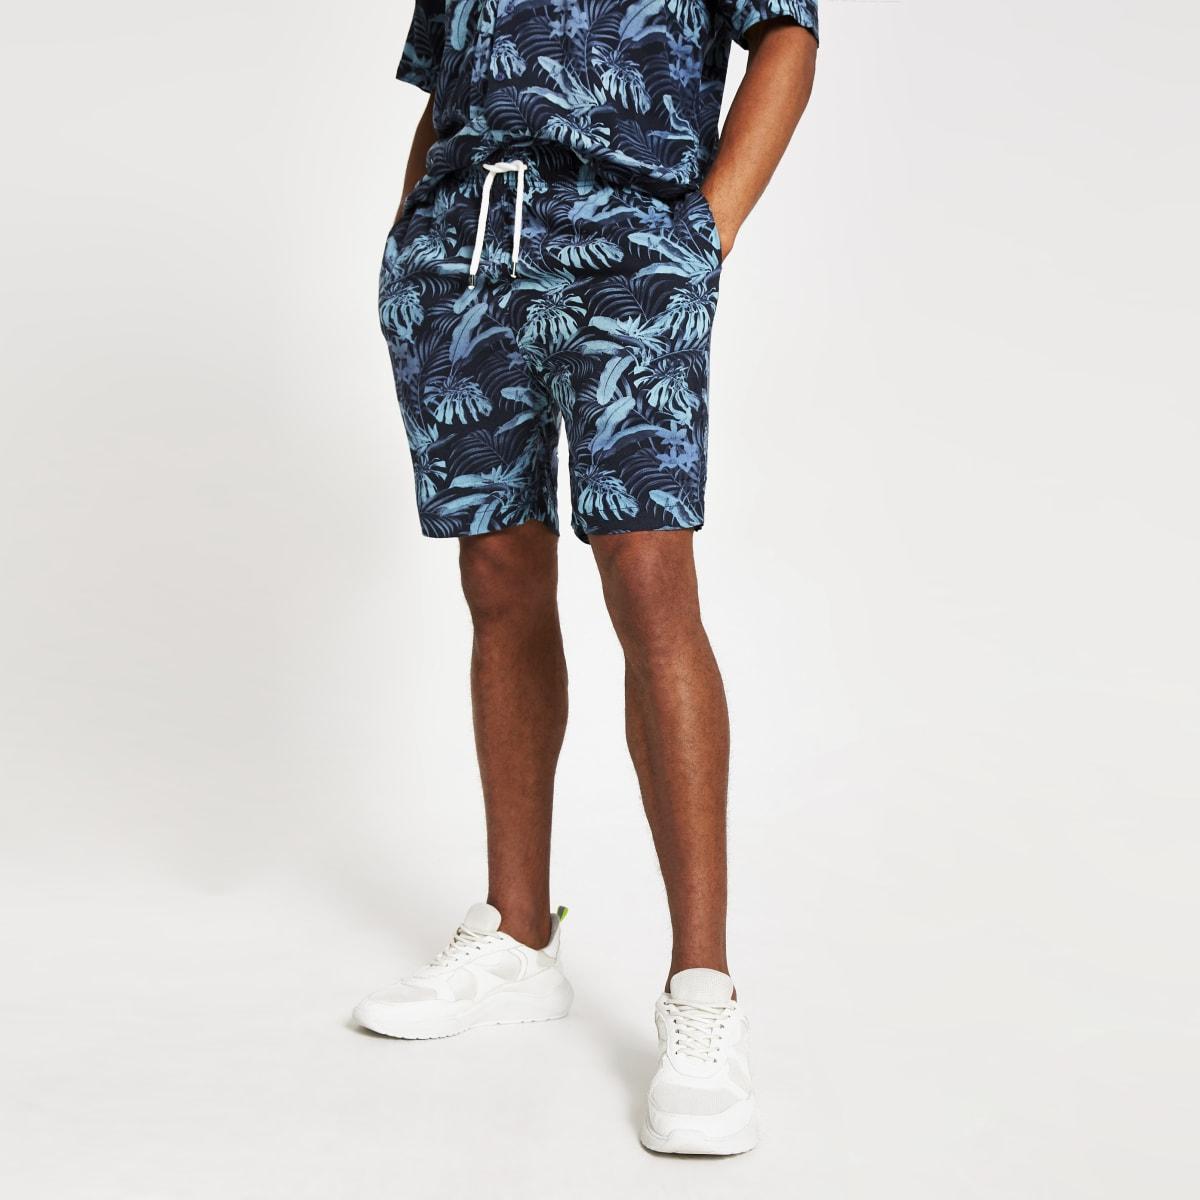 Jack and Jones - Blauwe short met tropische print